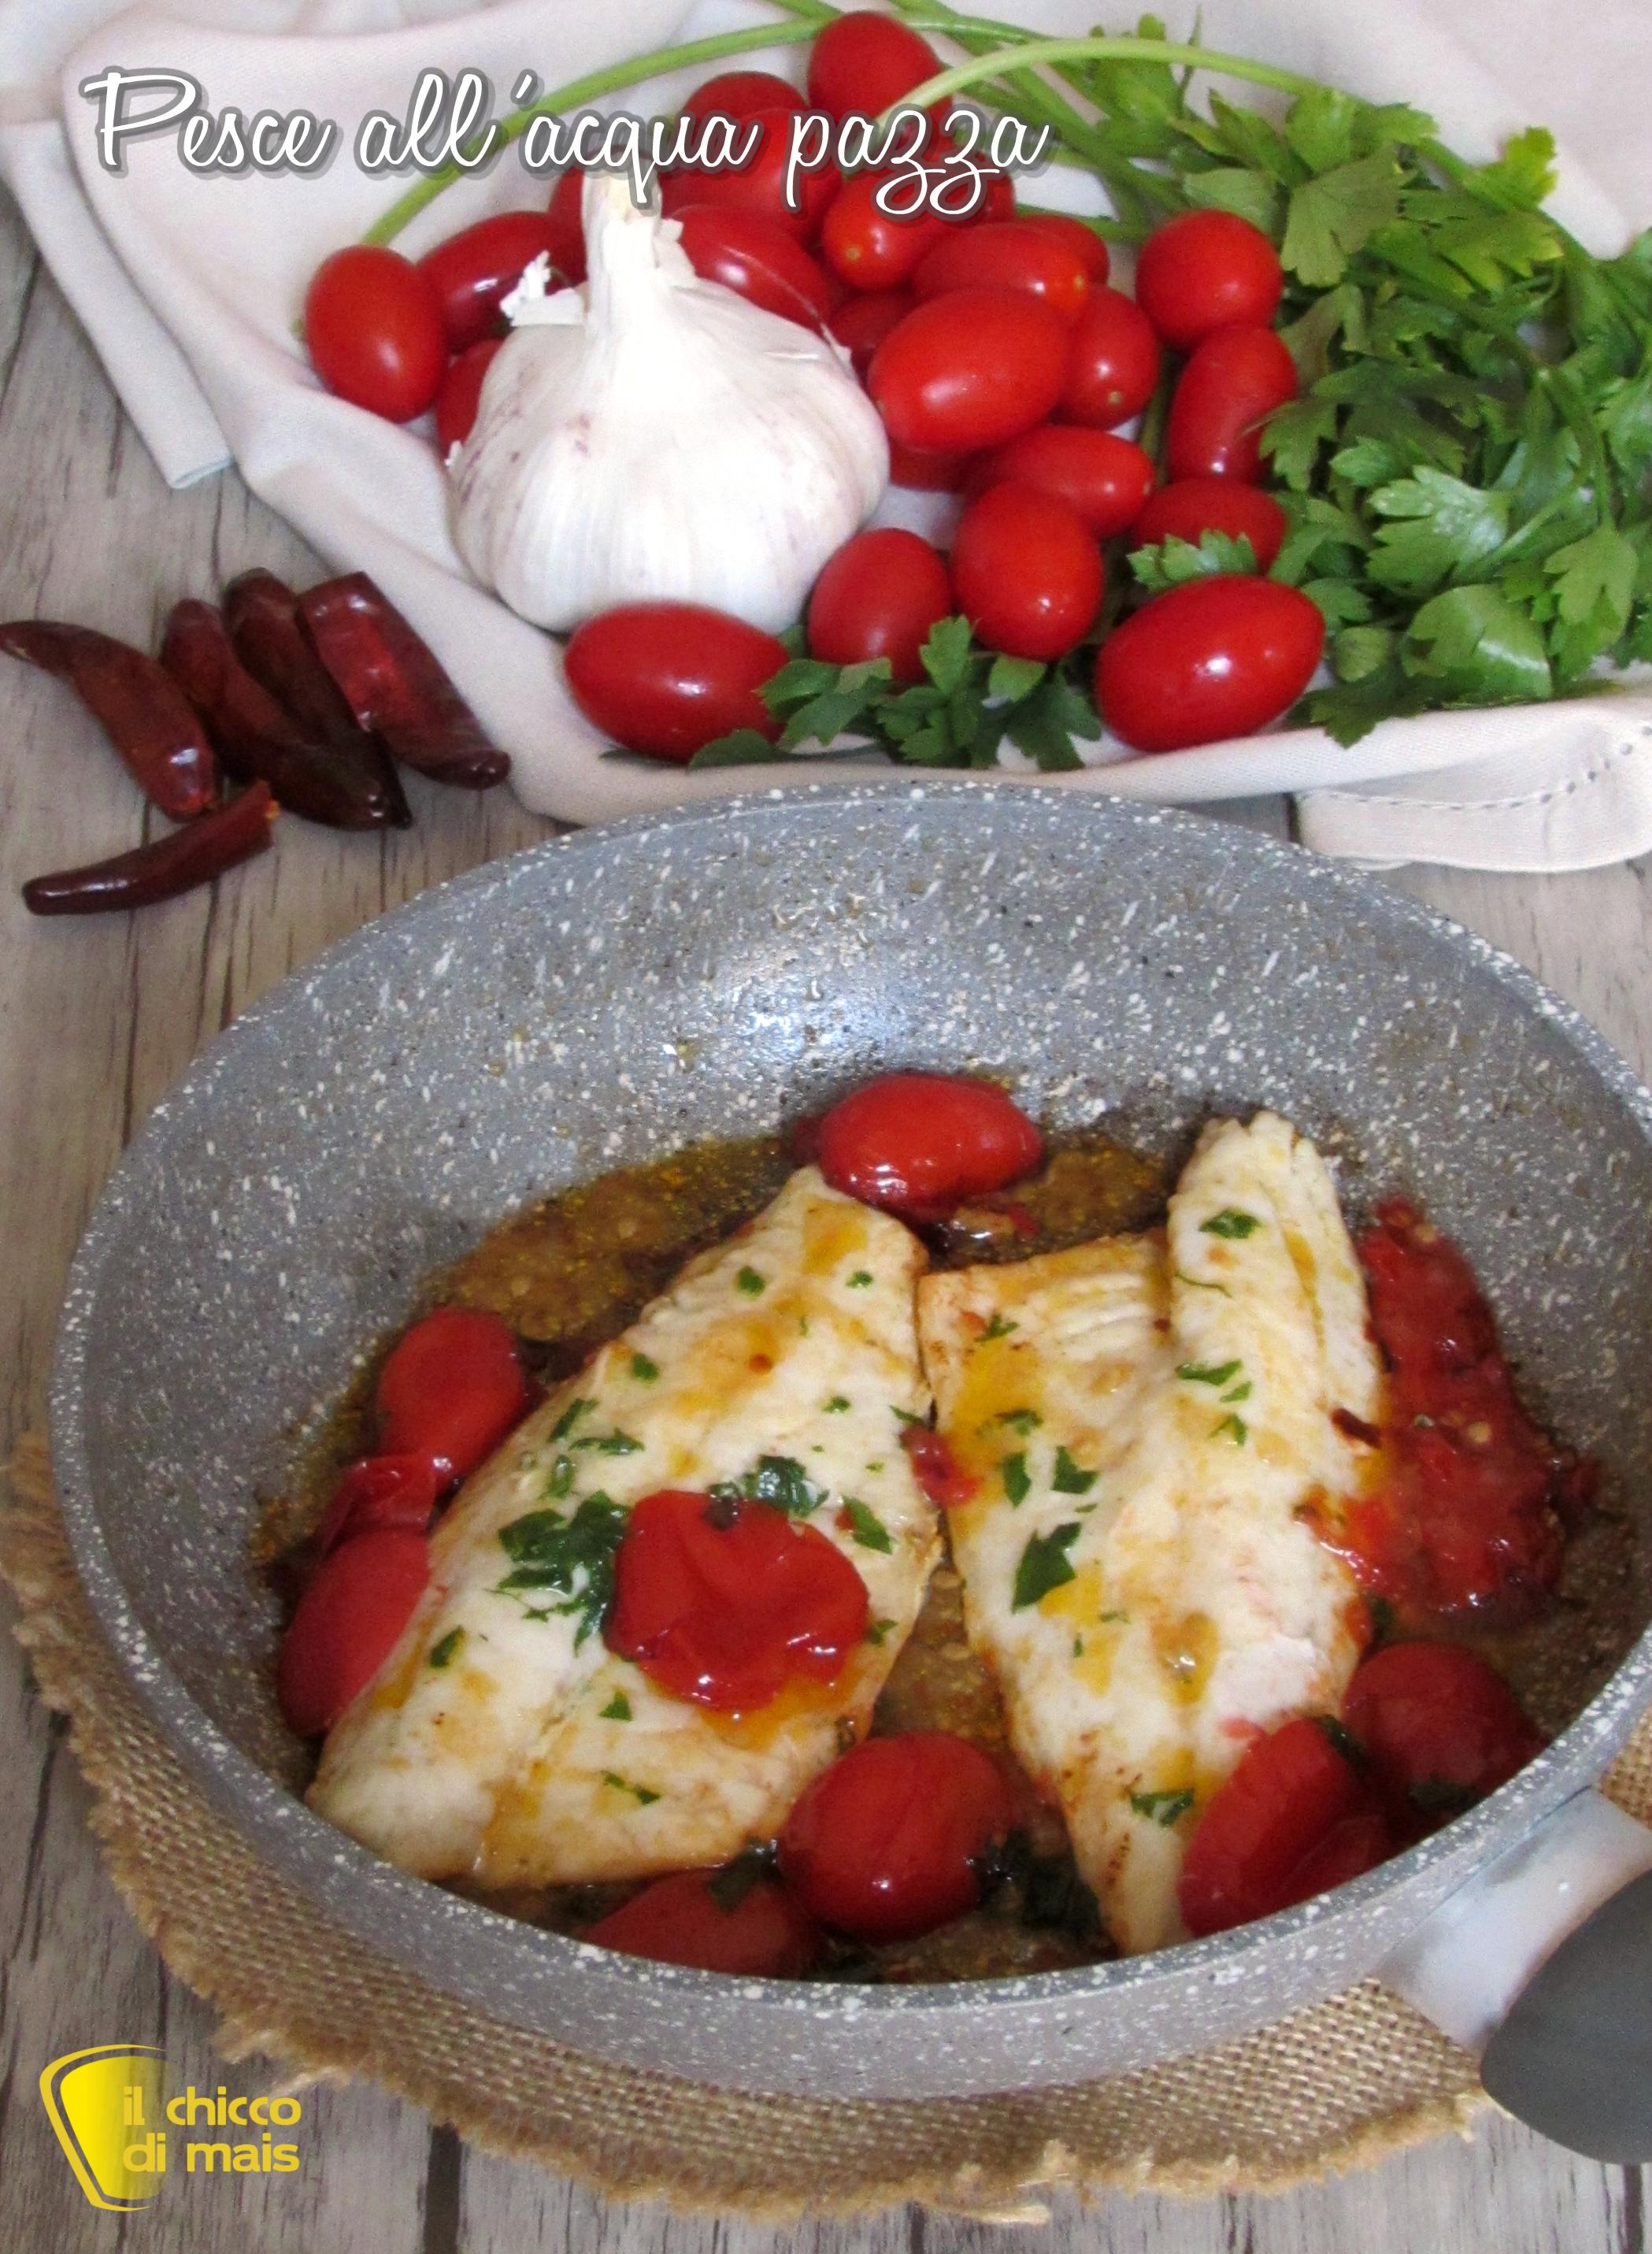 verticale_Filetti di pesce all'acqua pazza ricetta facile e veloce il chicco di mais